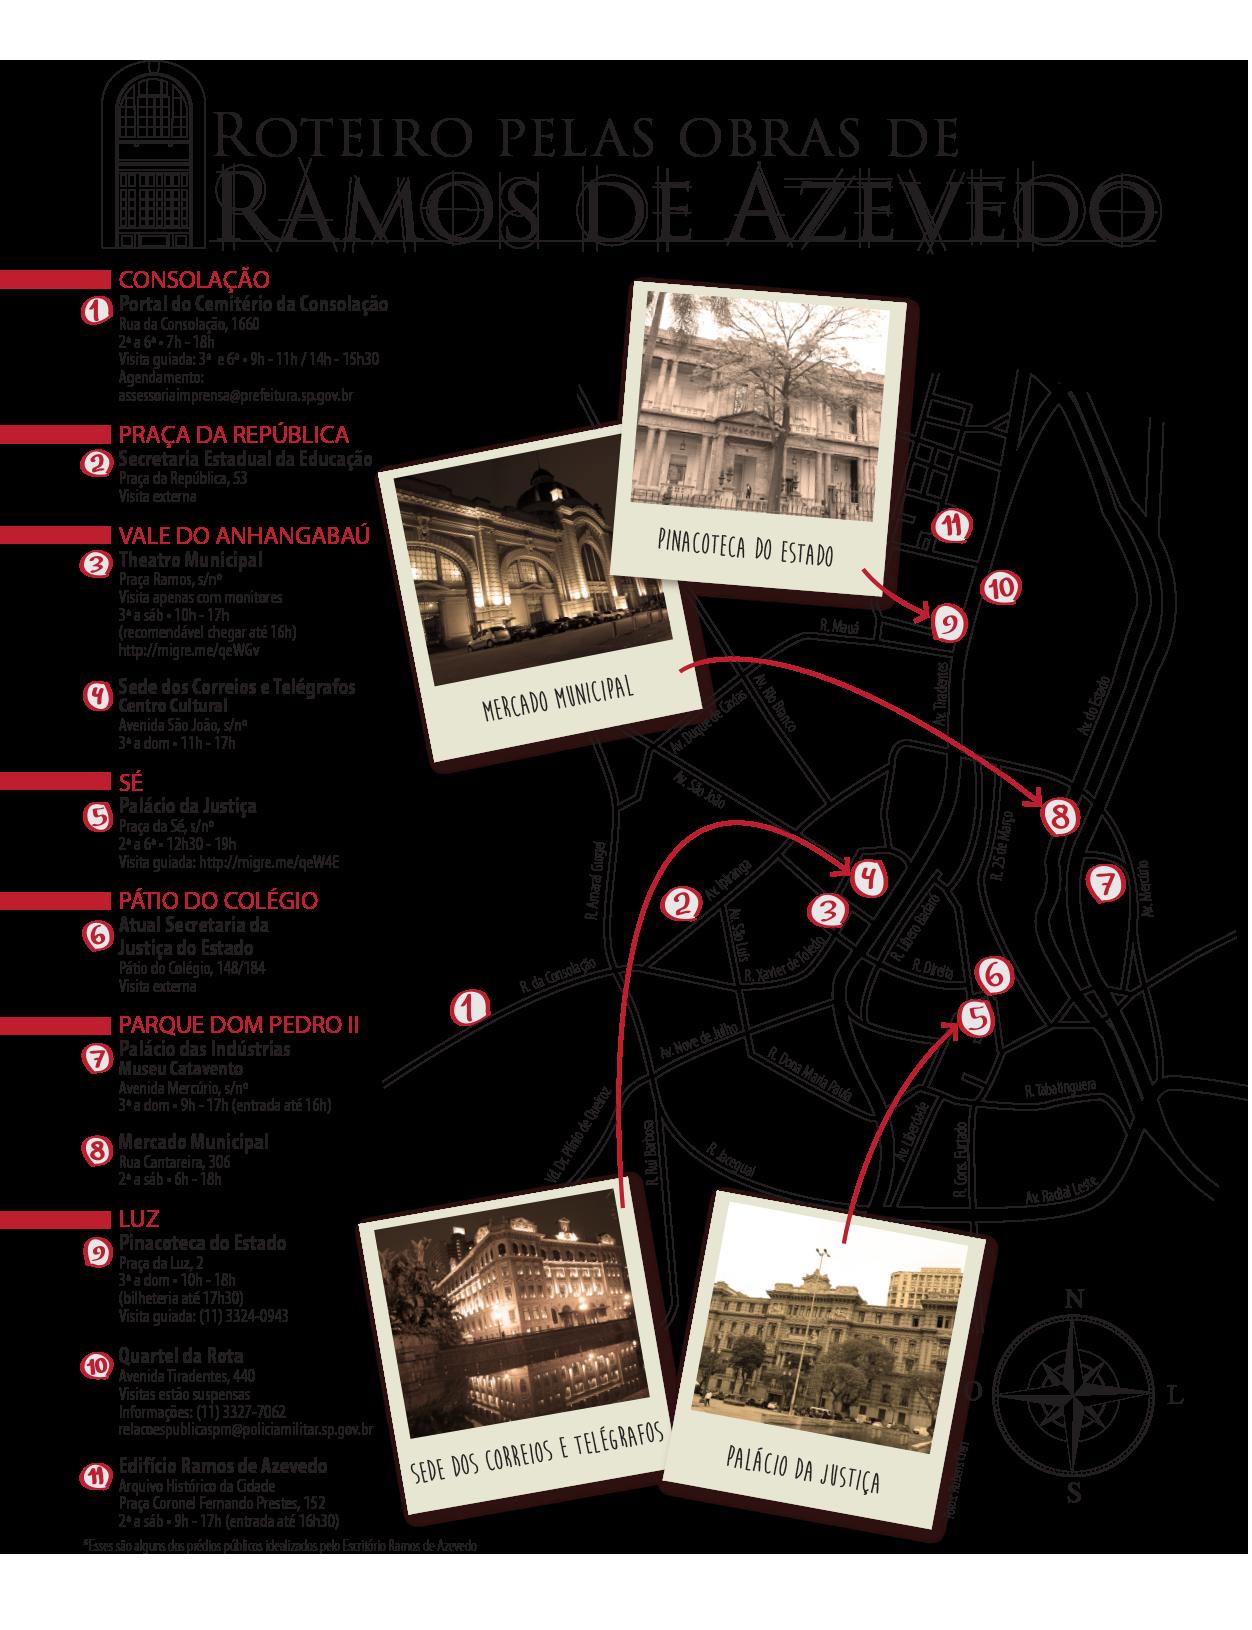 Infográfico de roteiro das obras de Ramos de Azevedo